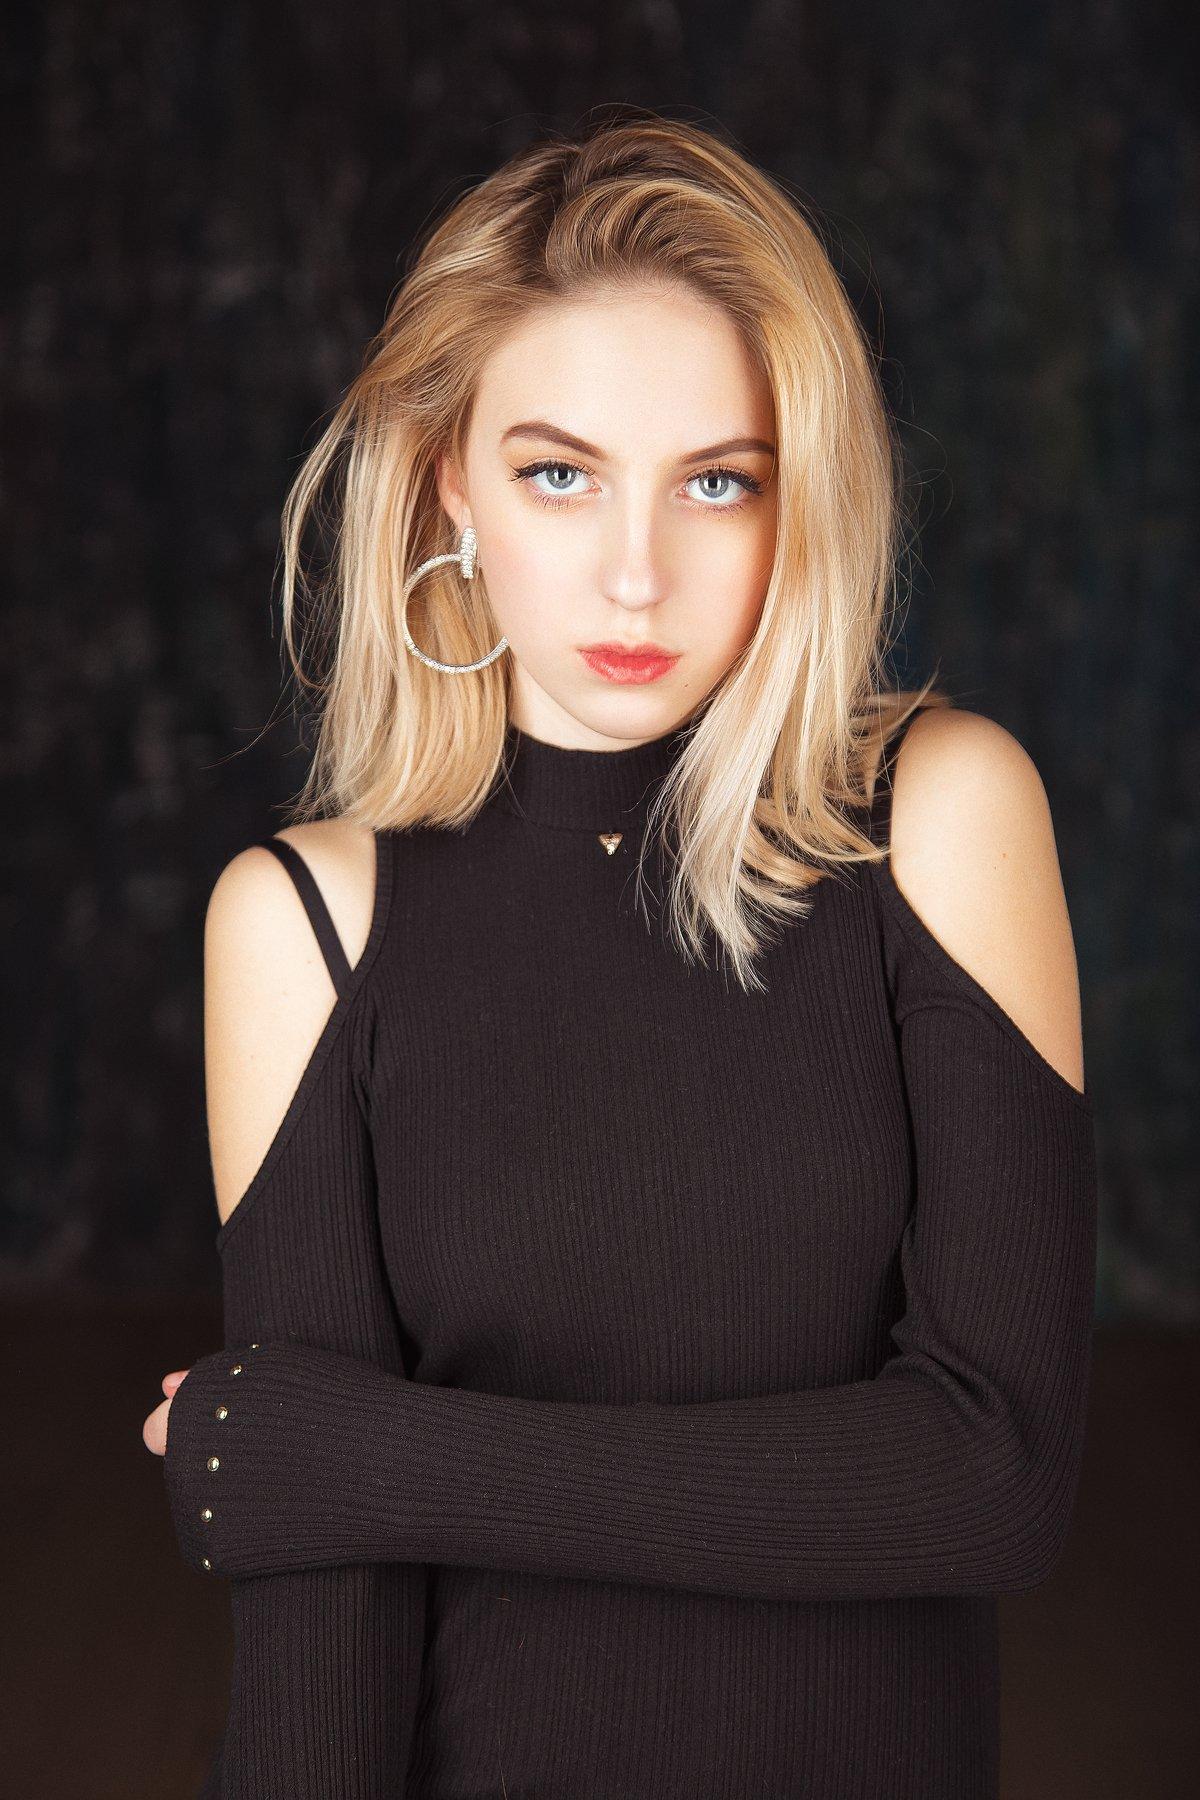 melefara,girl ,девушка,портрет, portrait, woman, beautiful, красивая , жизнь , life, Мелефара Сергей